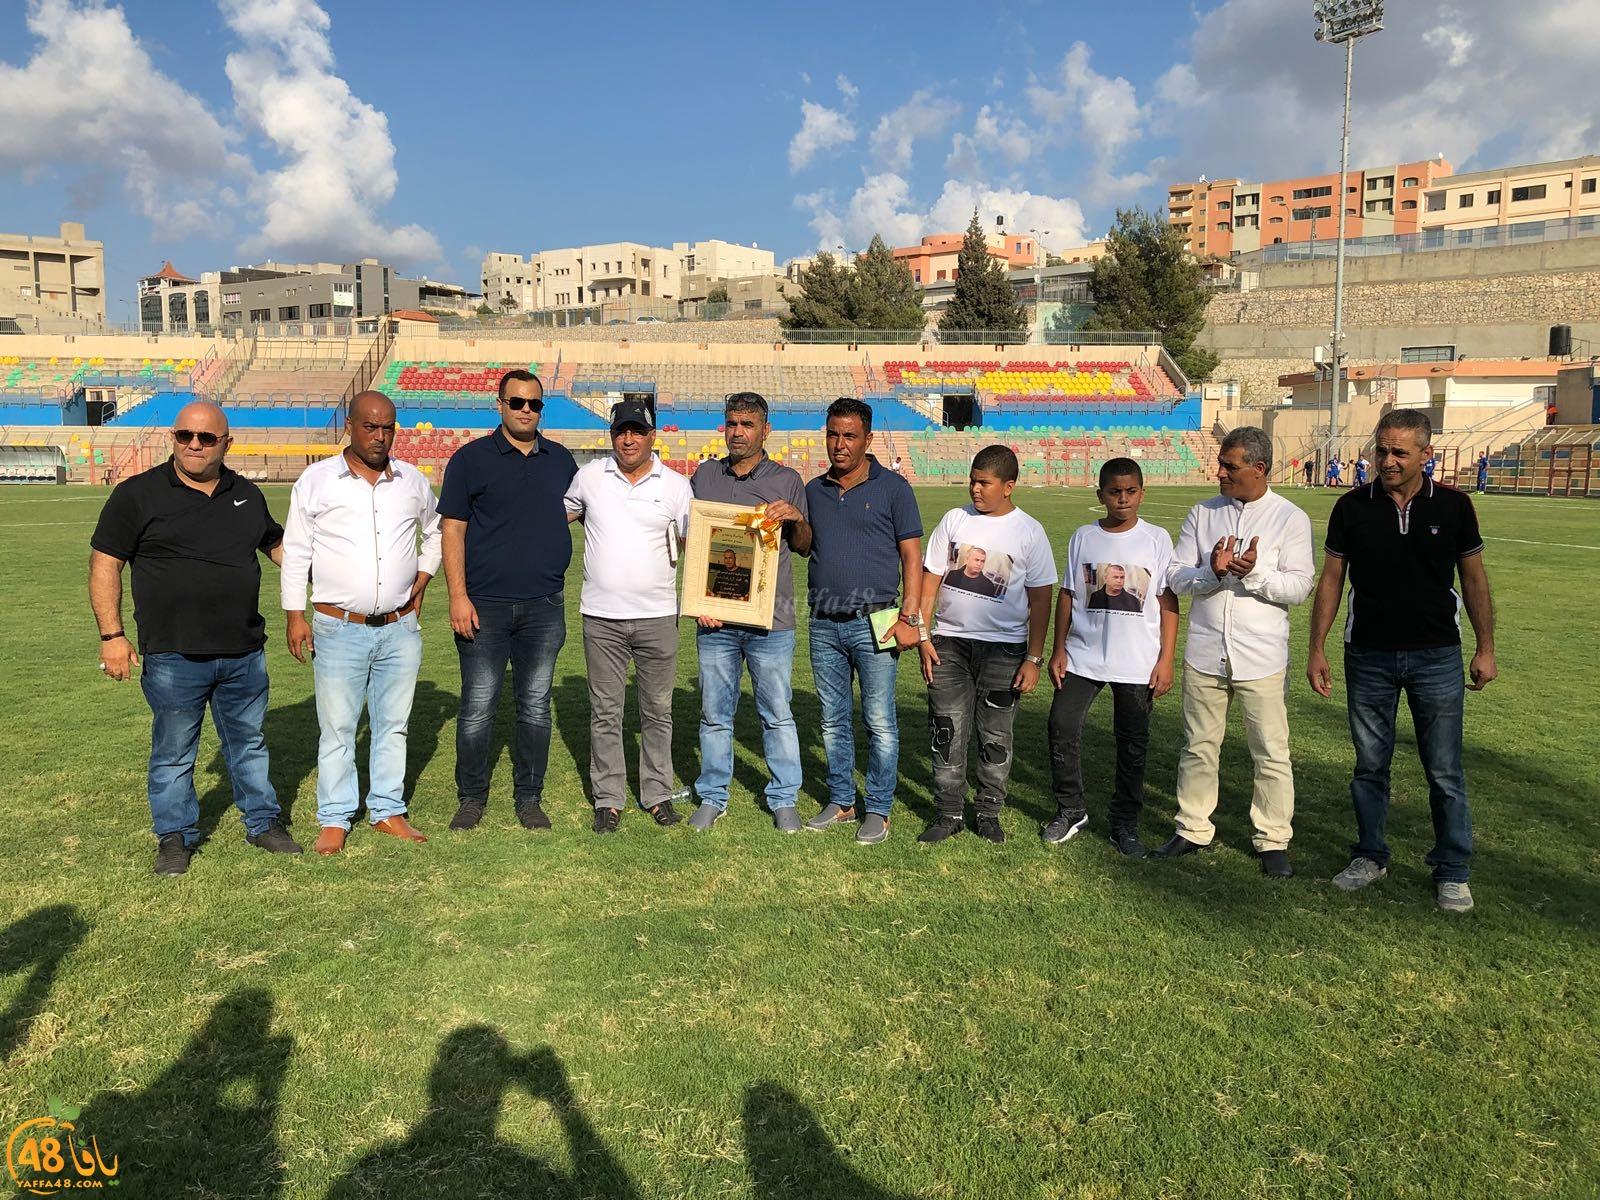 مهرجان رياضي كبير في أم الفحم تخليداً لذكرى الفقد محمد زبارقة أبو صبحي